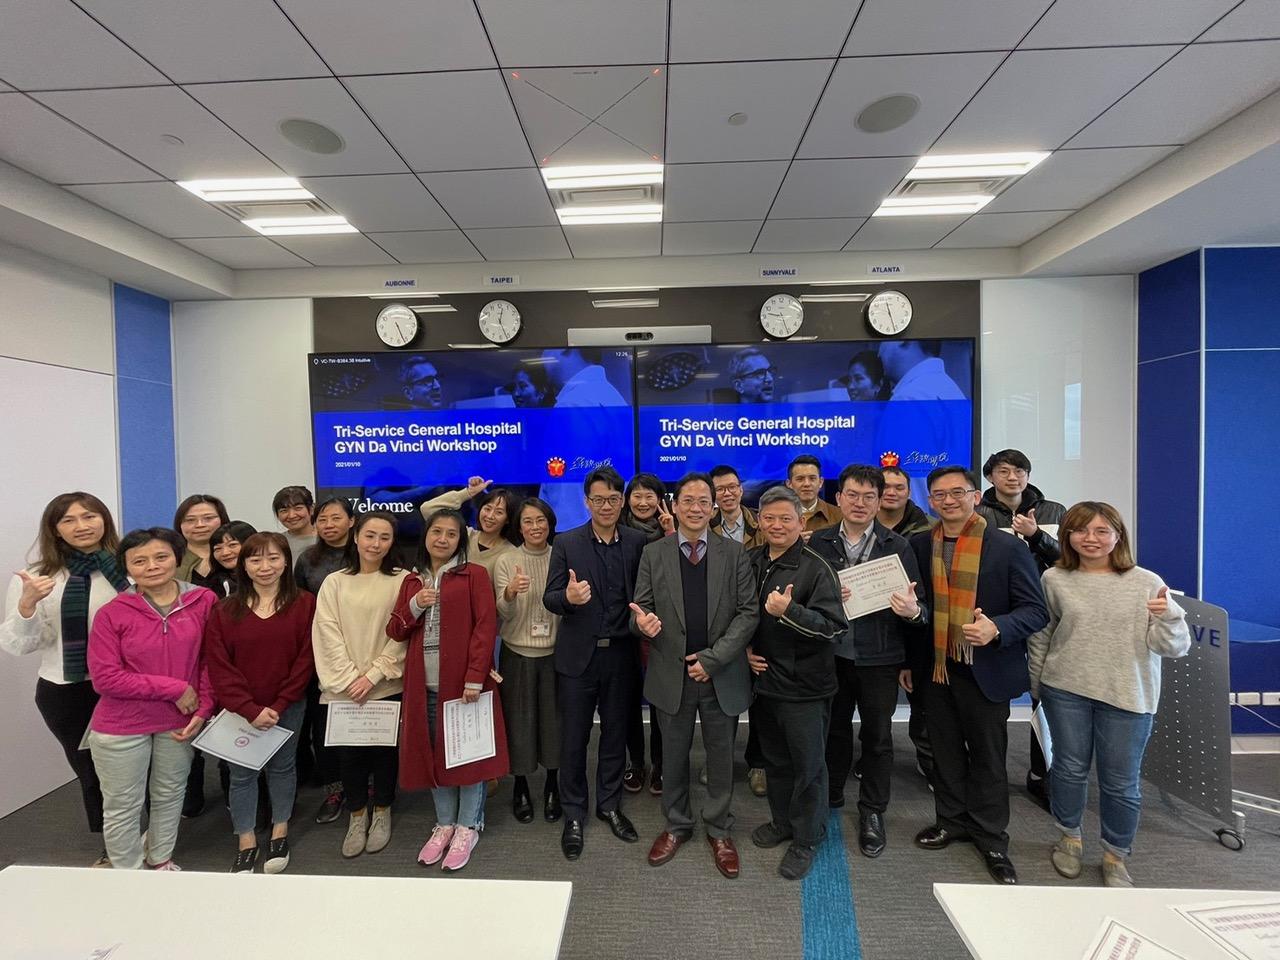 三軍總醫院婦產部達文西機器手臂手術團隊成立十六週年暨台灣區手術觀摩中心成立研討會01